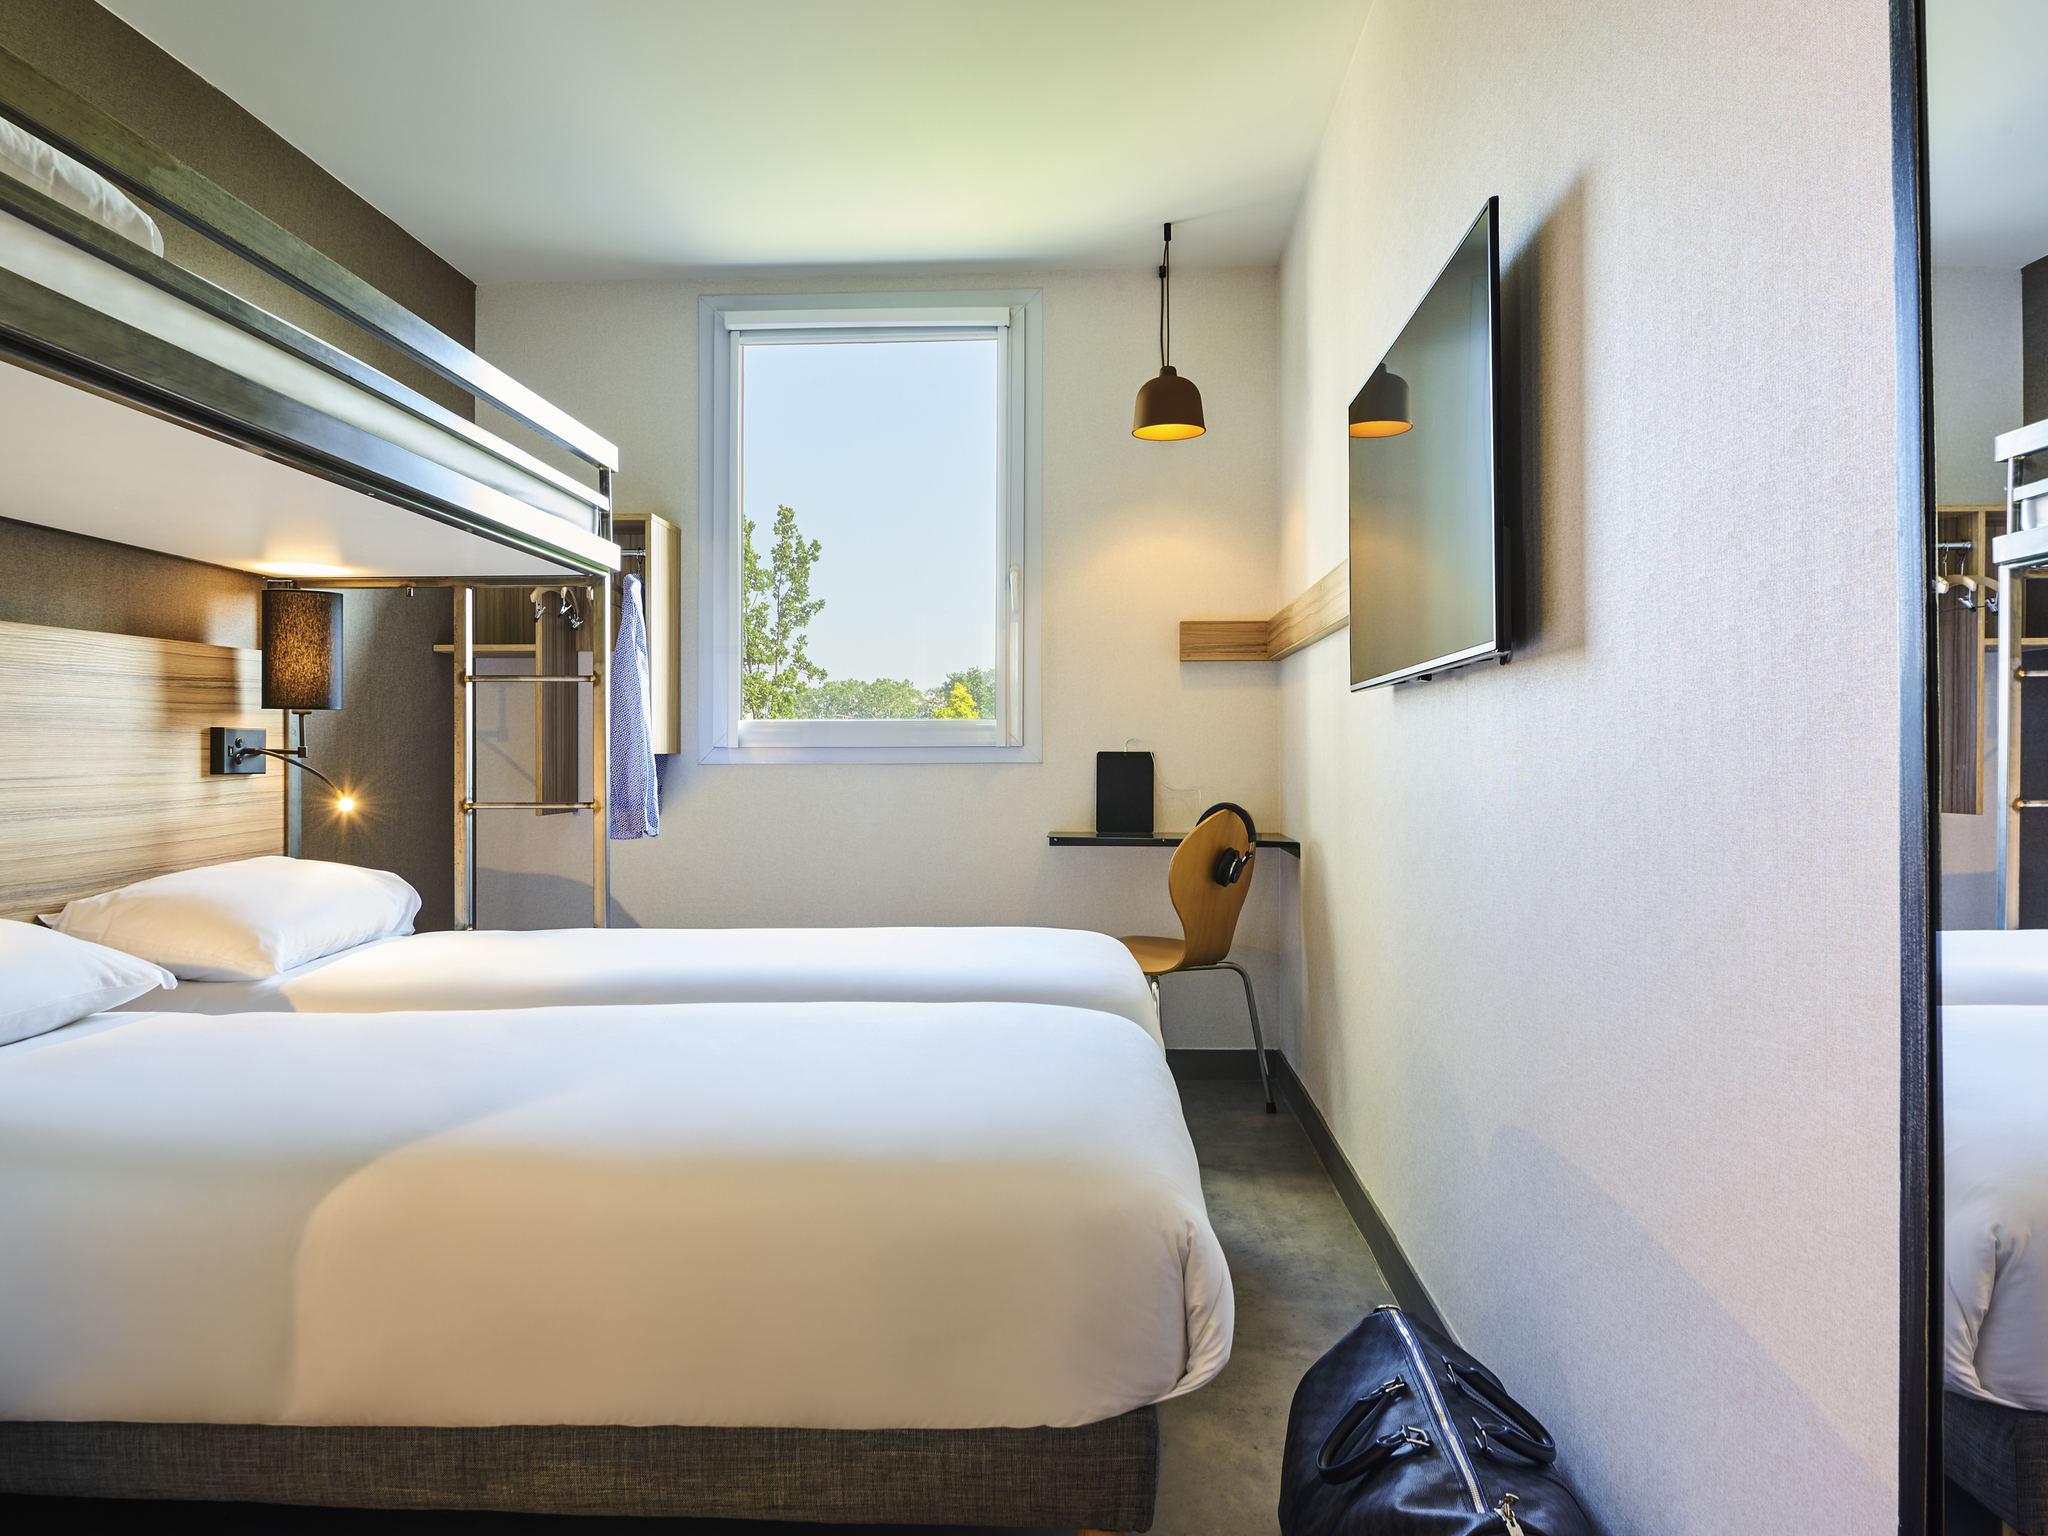 Hotel Ibis Bagnolet Booking